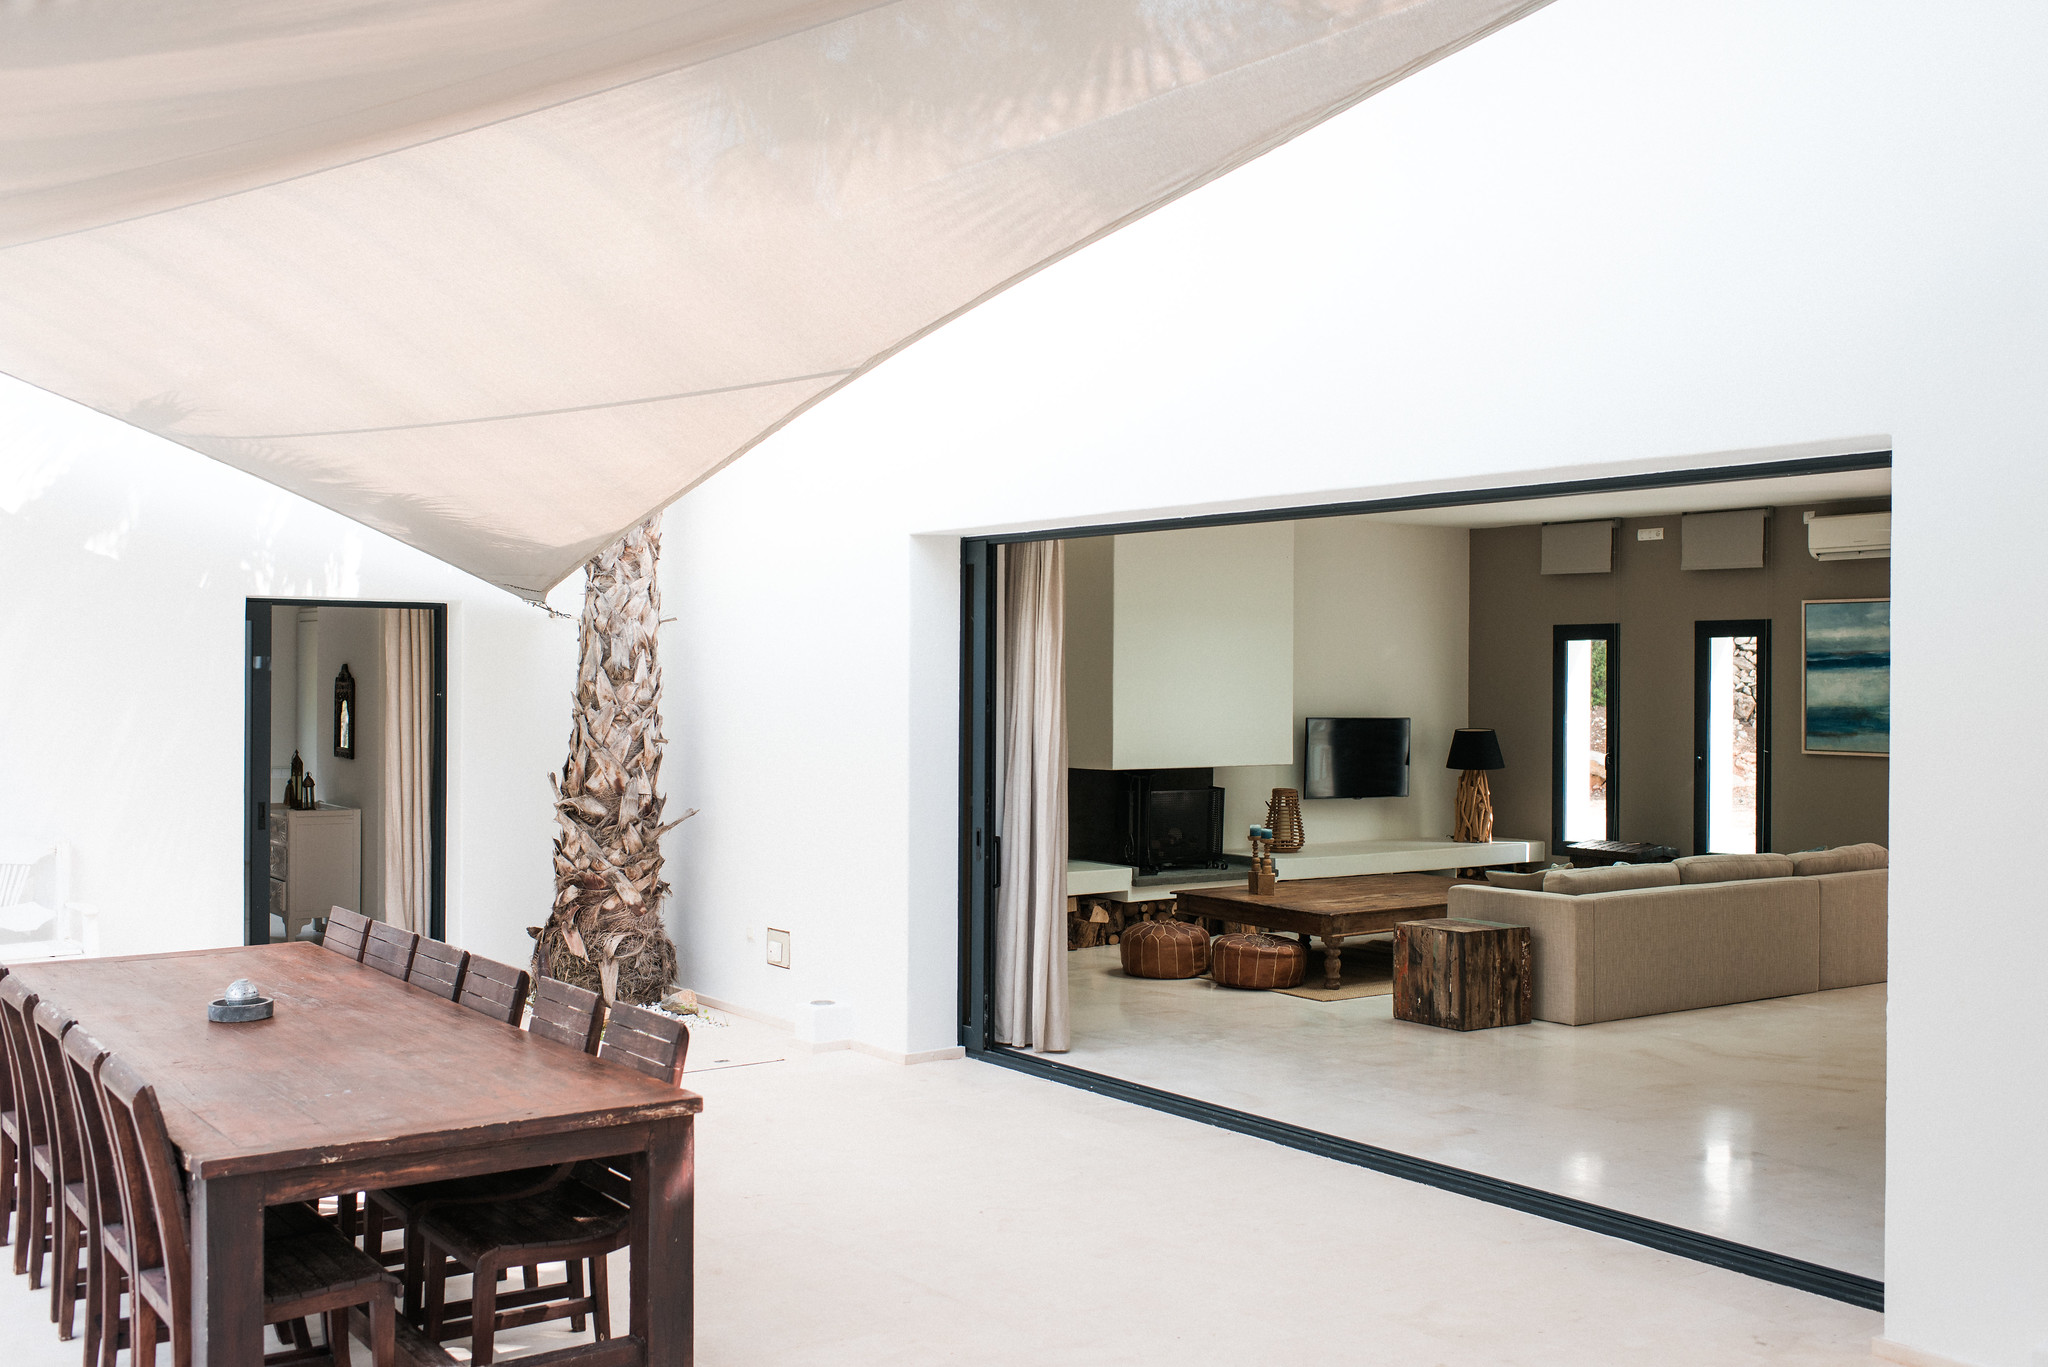 https://www.white-ibiza.com/wp-content/uploads/2020/05/white-ibiza-villas-casa-estrella-exterior-view-in.jpg